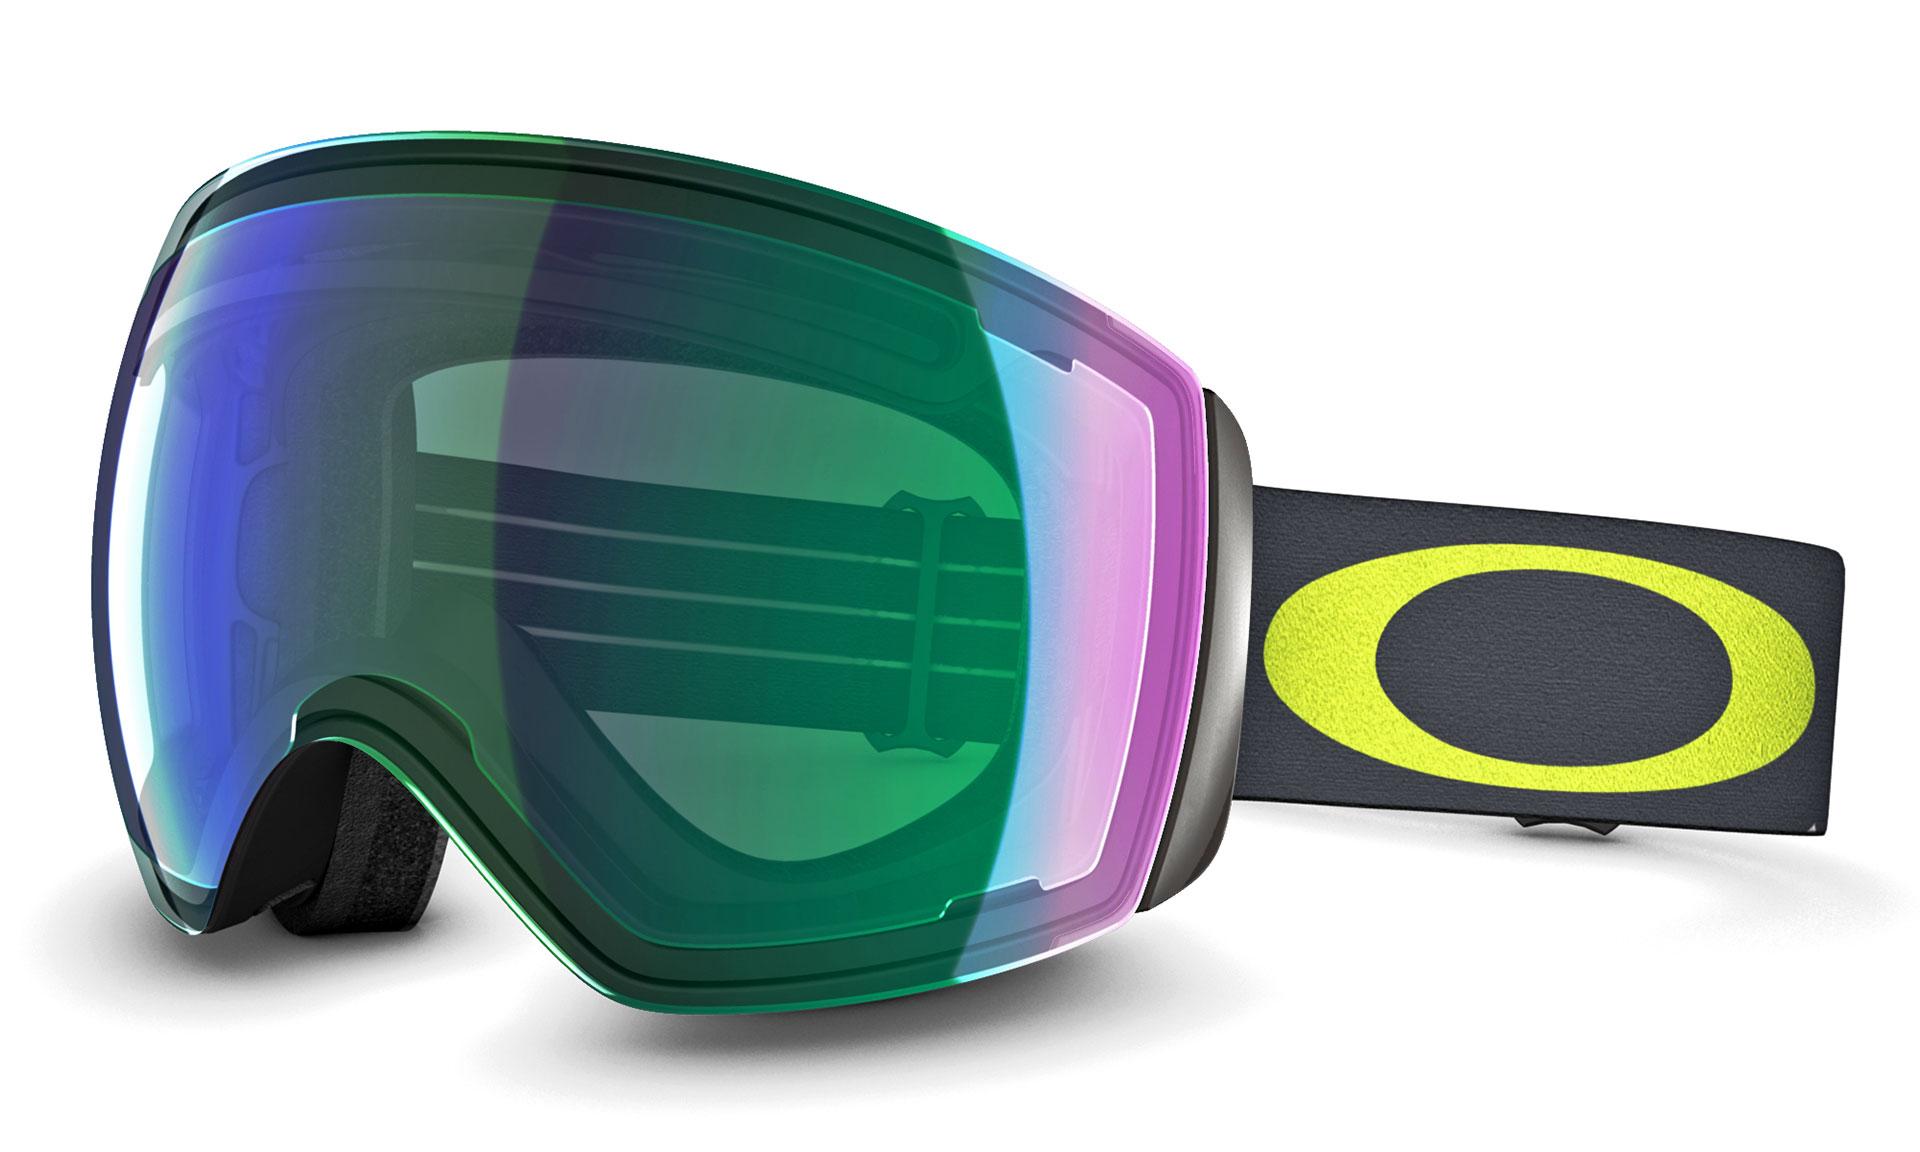 Die Oakley Prizm Technologie verbessert die Wahrnehmnung von Details und Konturen im Schnee und ermöglicht damit klarere Sicht, schnellere Reaktion und sichereres Fahren. Inspiriert durch die Helmvisiere von Kampfpiloten, hat Oakley Flight Deck Prizm ein einzigartiges Sichtfeld und die Kompatibilität mit einer breiten Palette an Helmen.